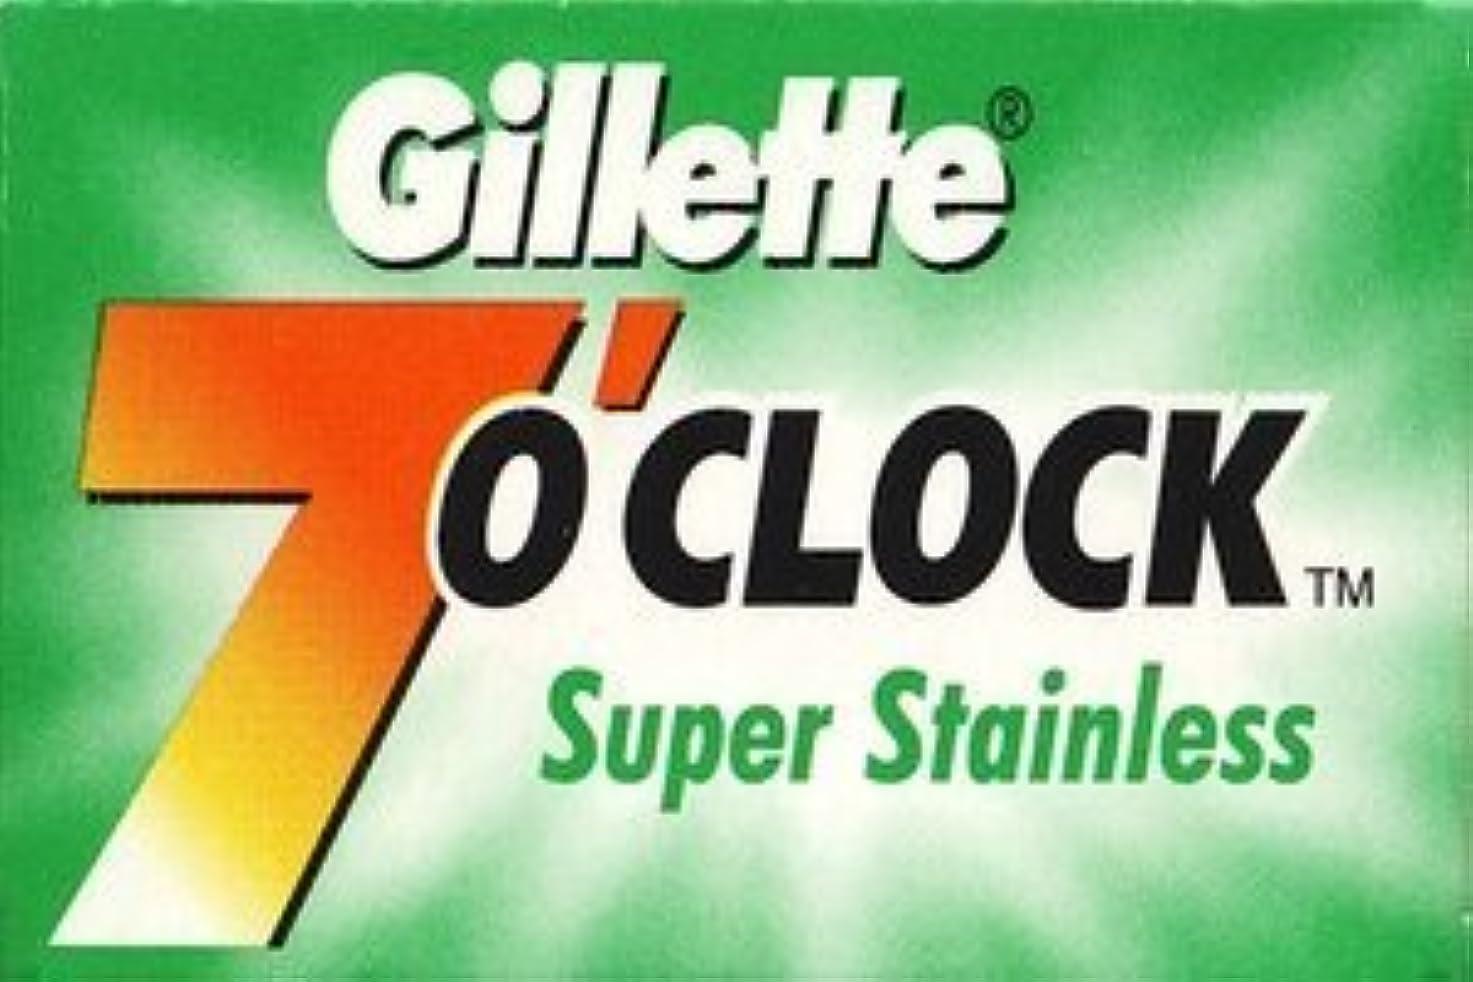 鬼ごっこここにまた明日ねGillette 7 0'Clock Super Stainless 両刃替刃 5枚入り(5枚入り1 個セット)【並行輸入品】